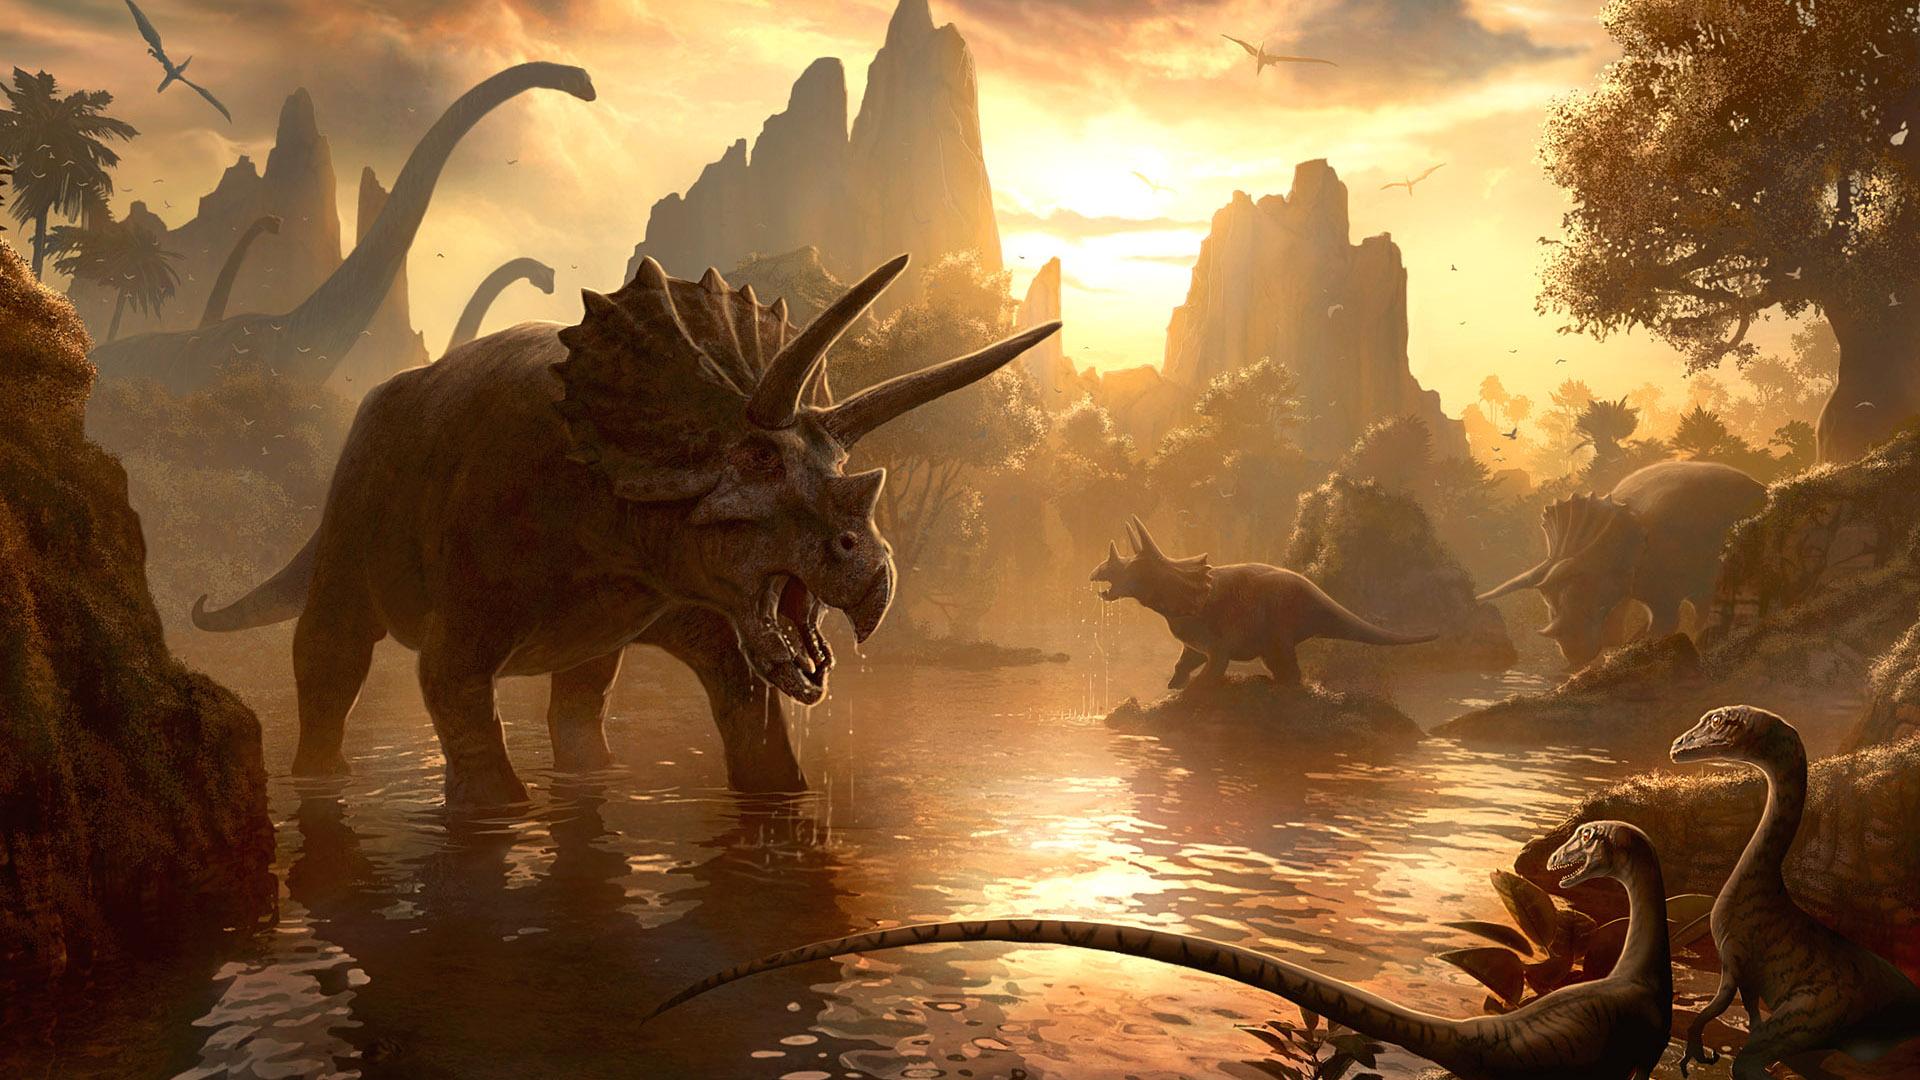 La hipótesis más popular es que los dinosaurios desaparecieron por el impacto de un meteorito, otras que apuntan a que fue causada por un factor biológico